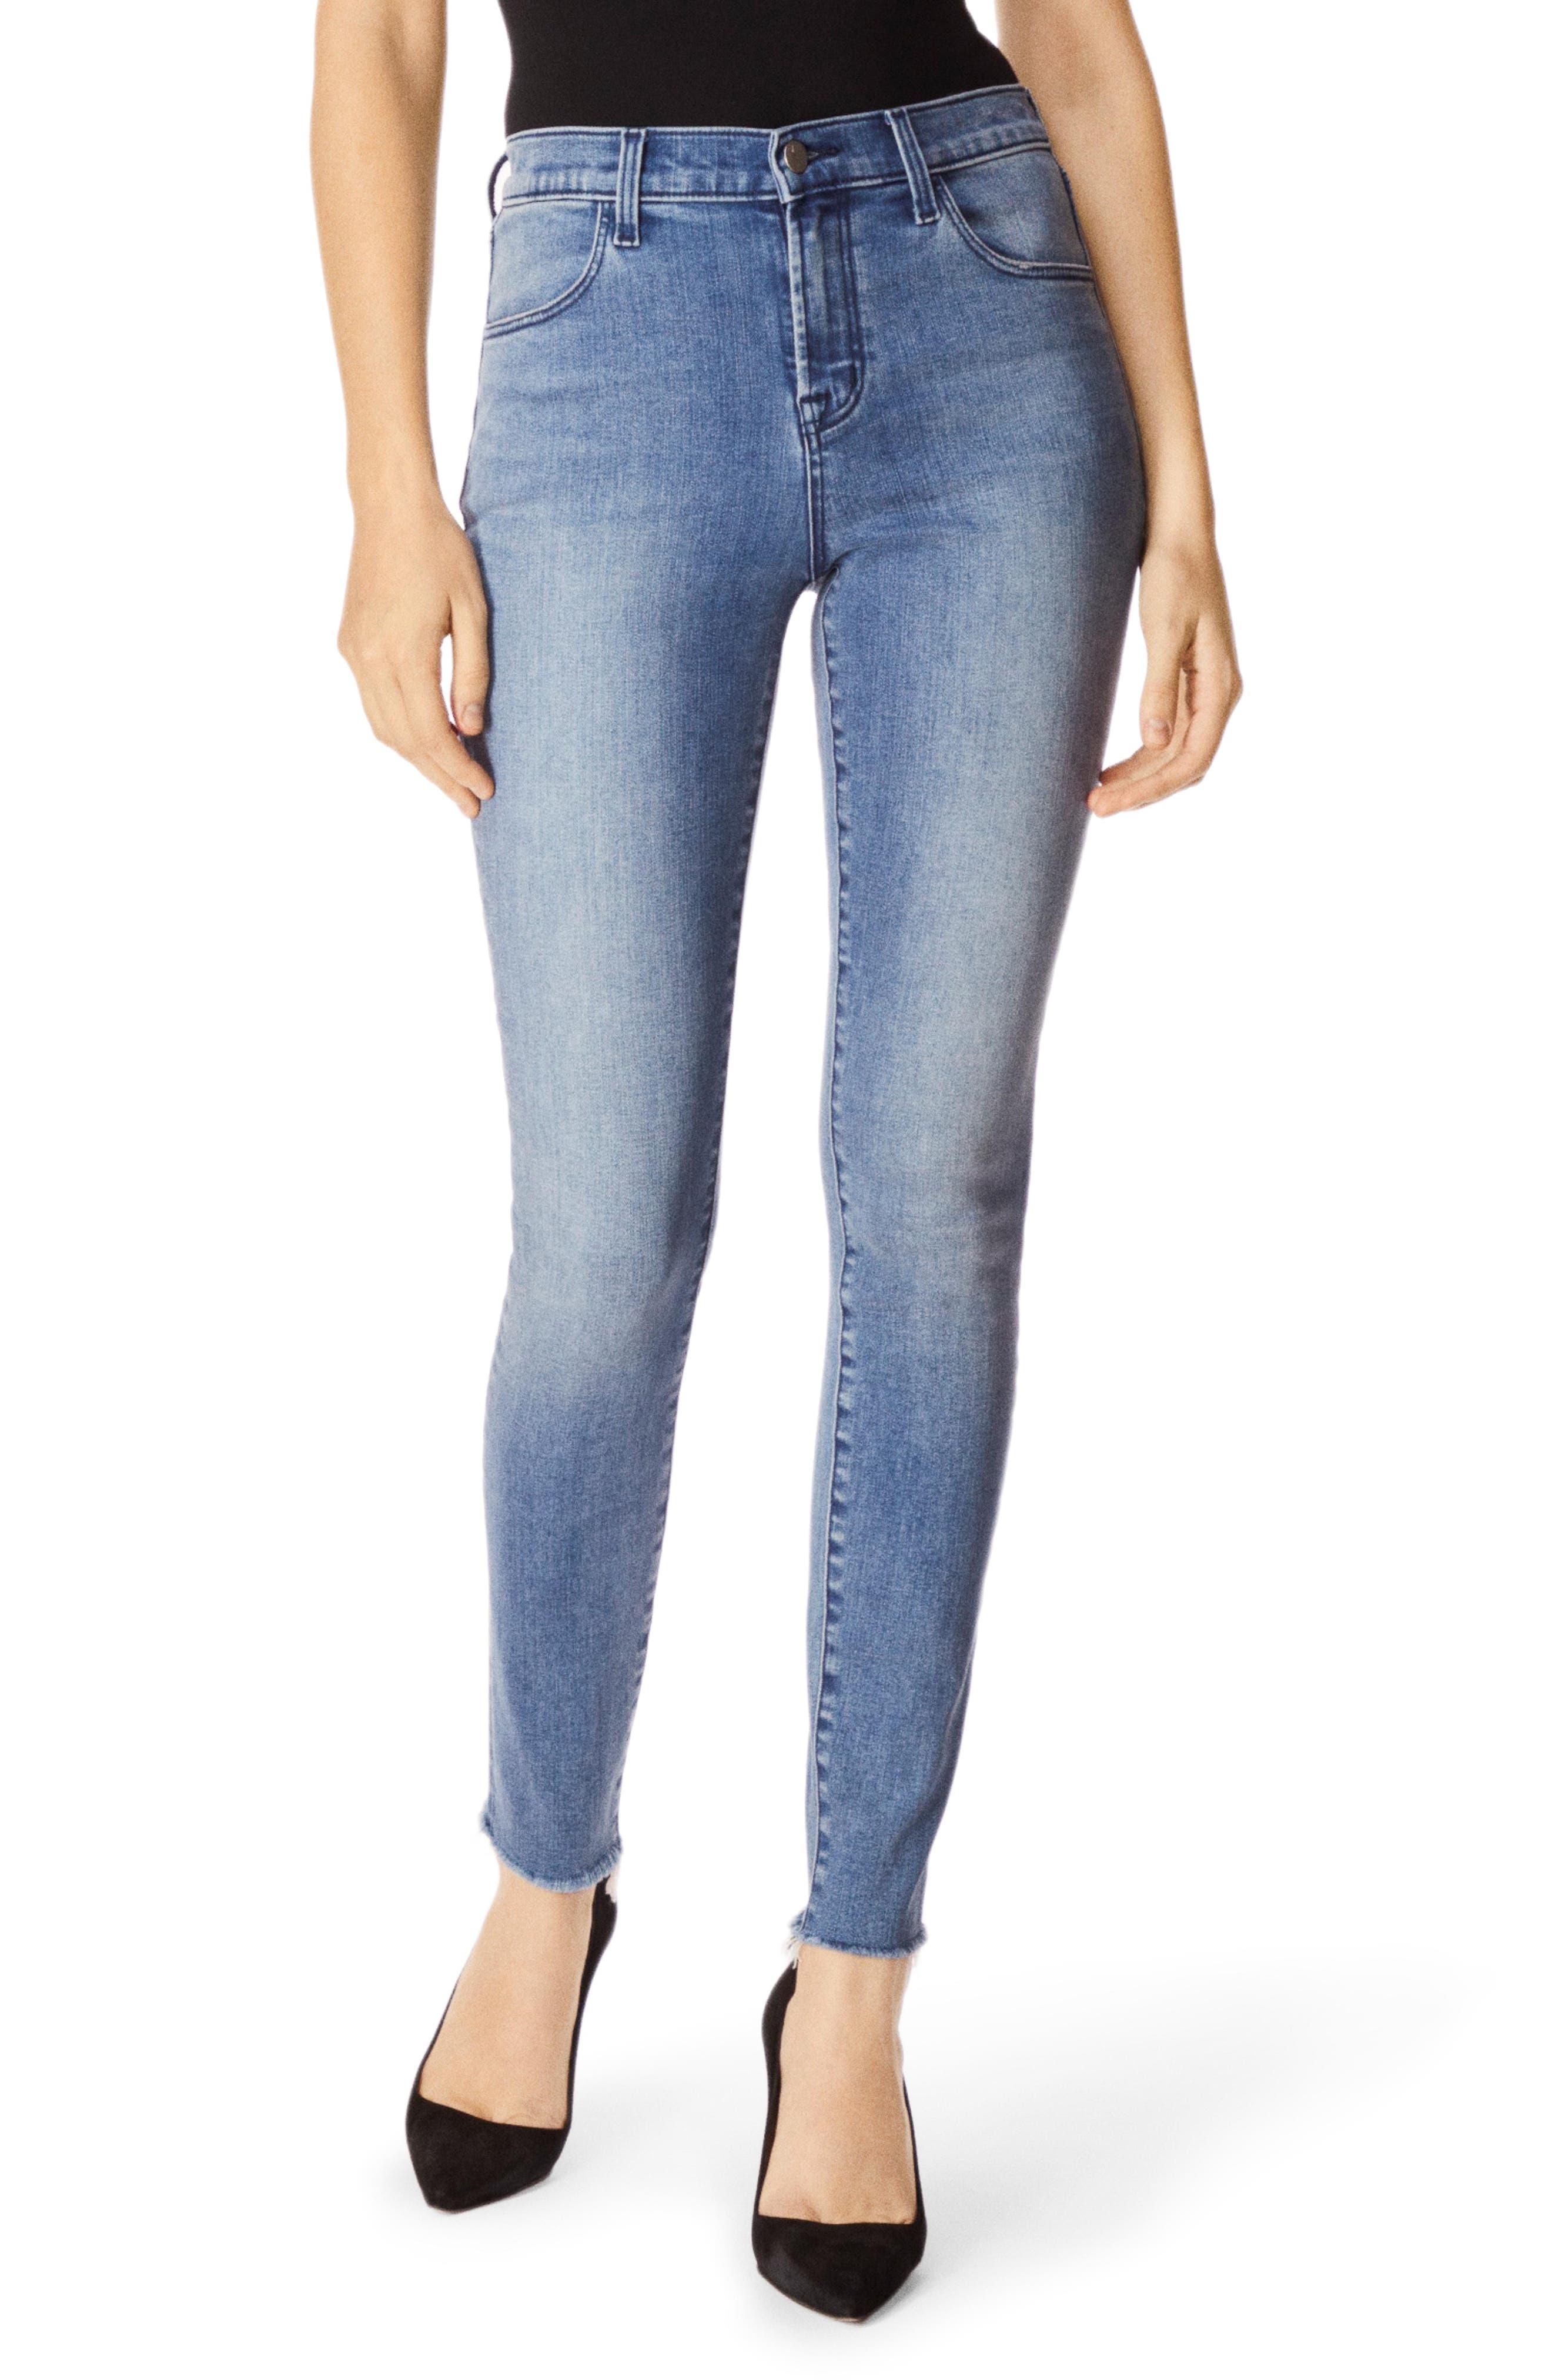 J BRAND, Maria High Waist Raw Hem Skinny Jeans, Main thumbnail 1, color, VEGA